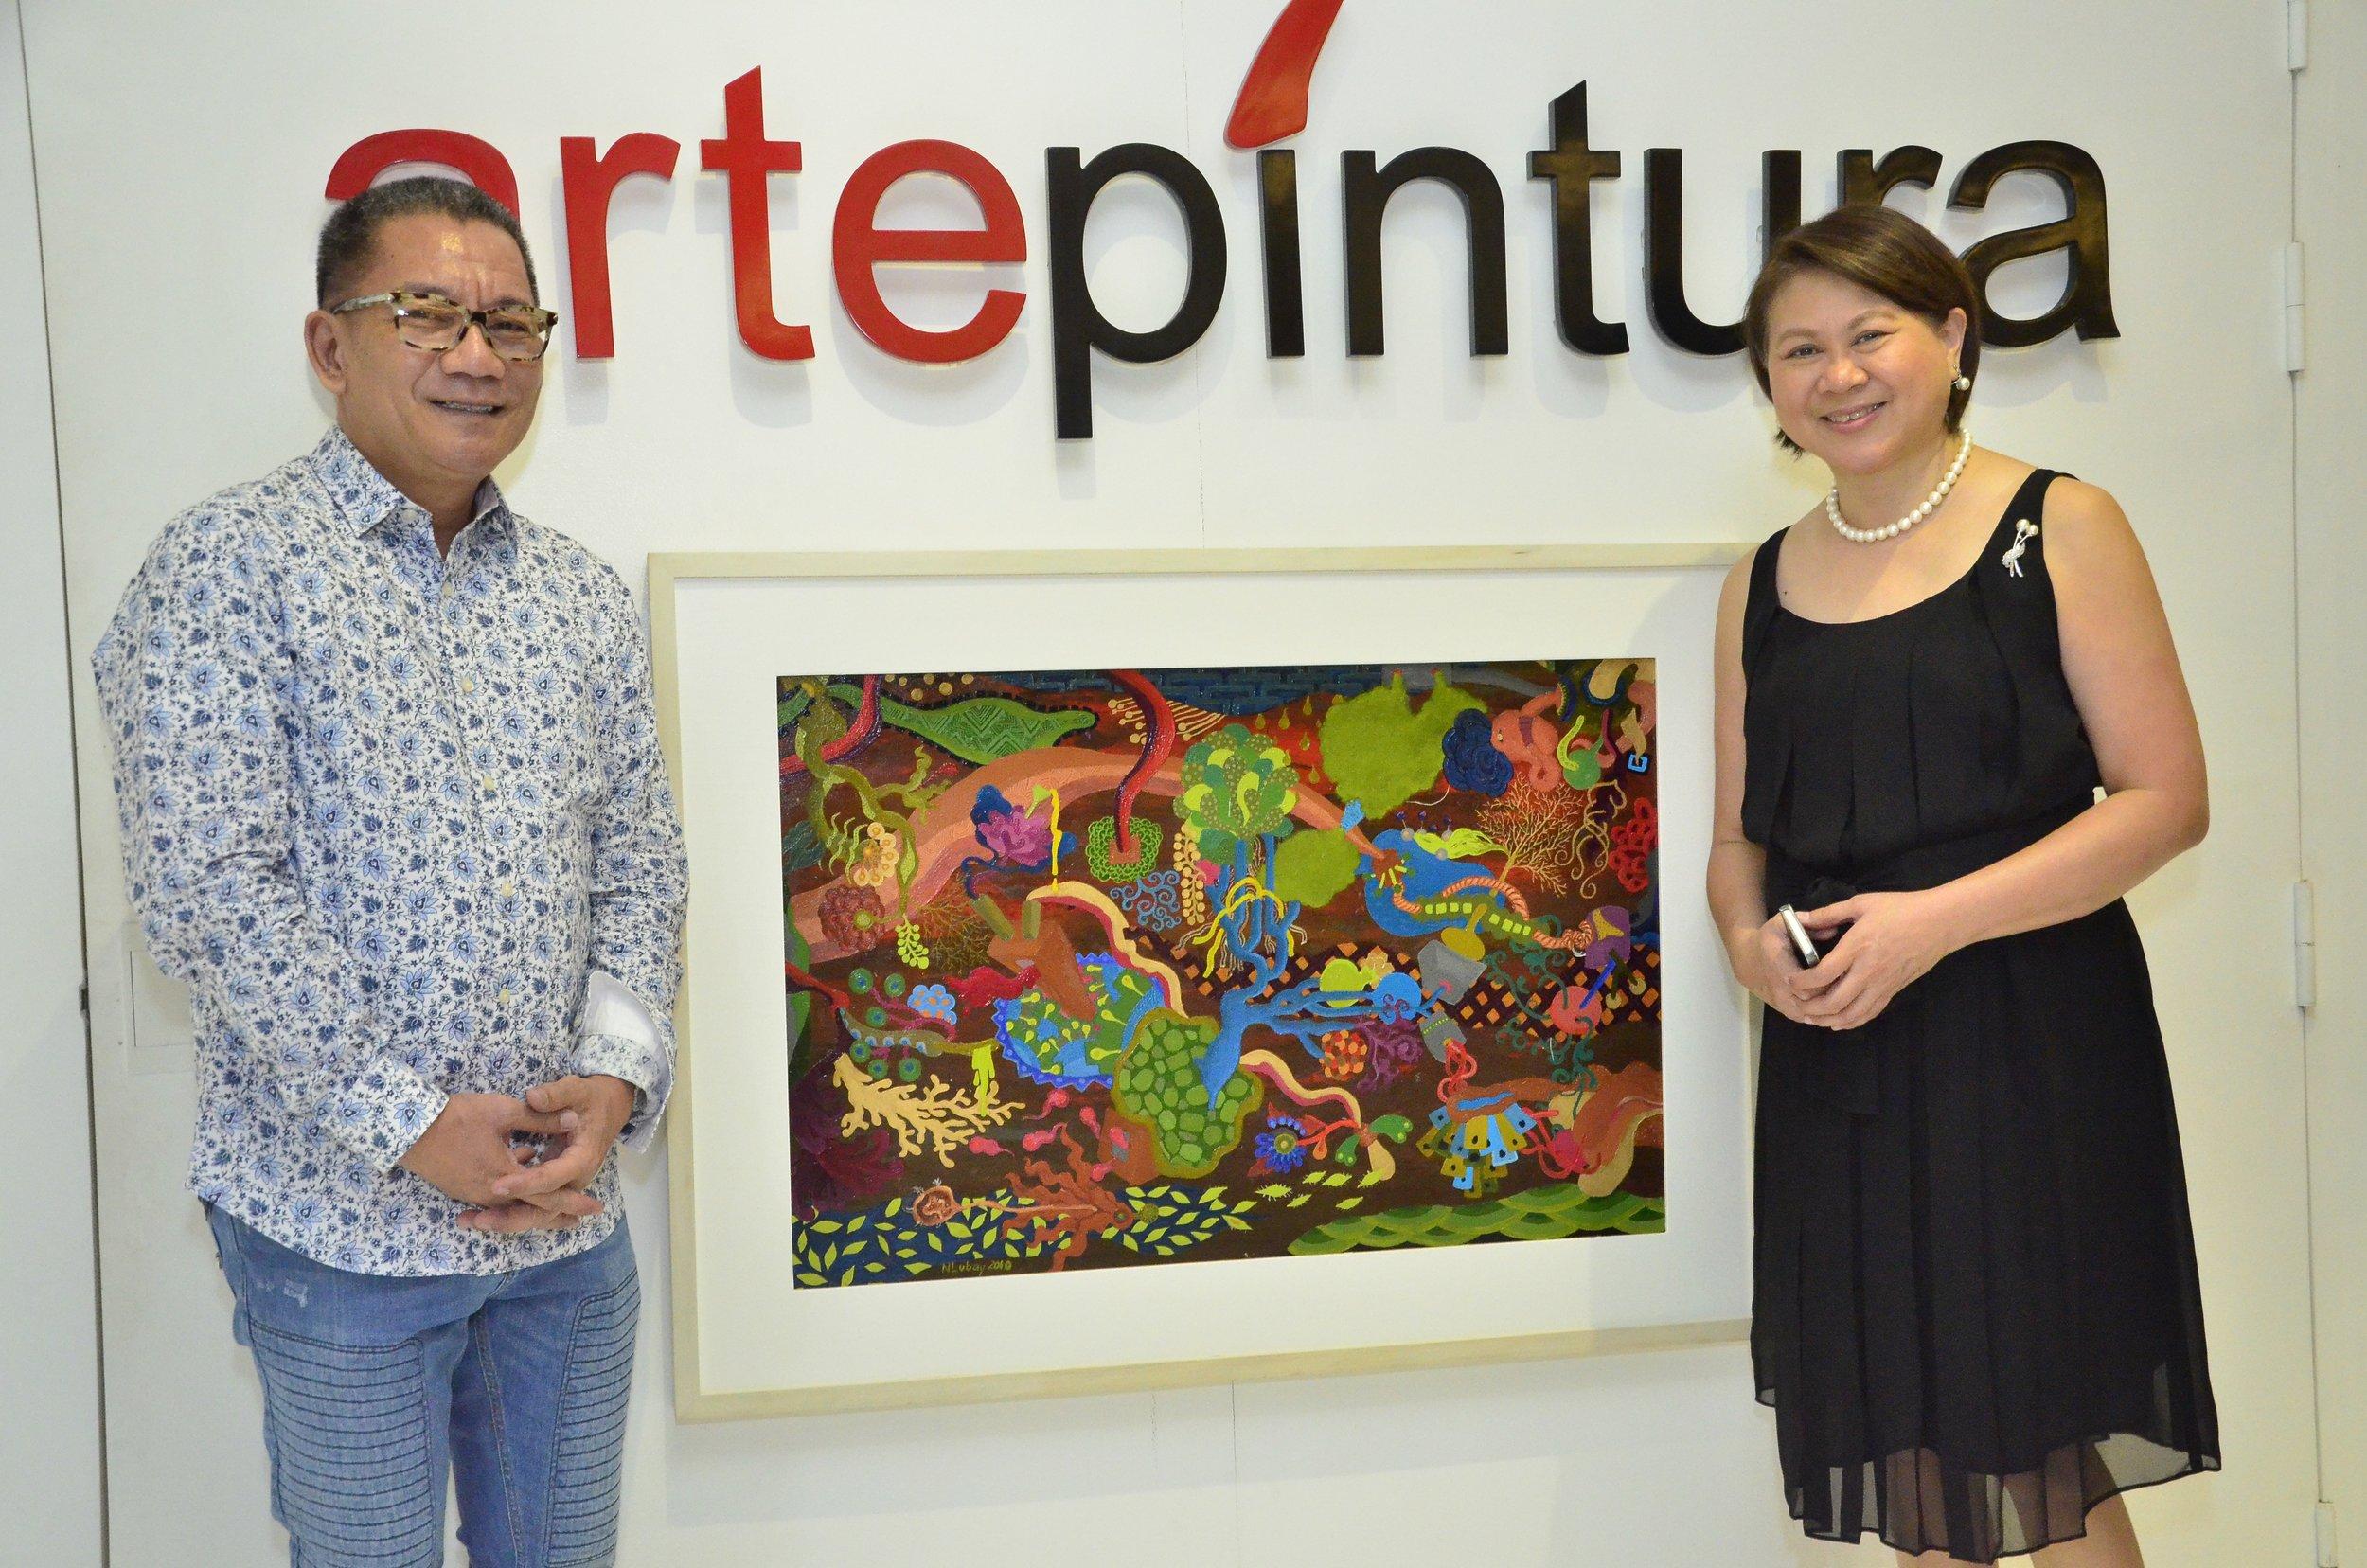 With Artist Playground's PR & Publicist Mr. Toots Tolentino and Ms. Addie Cukingnan of Arte Pintura